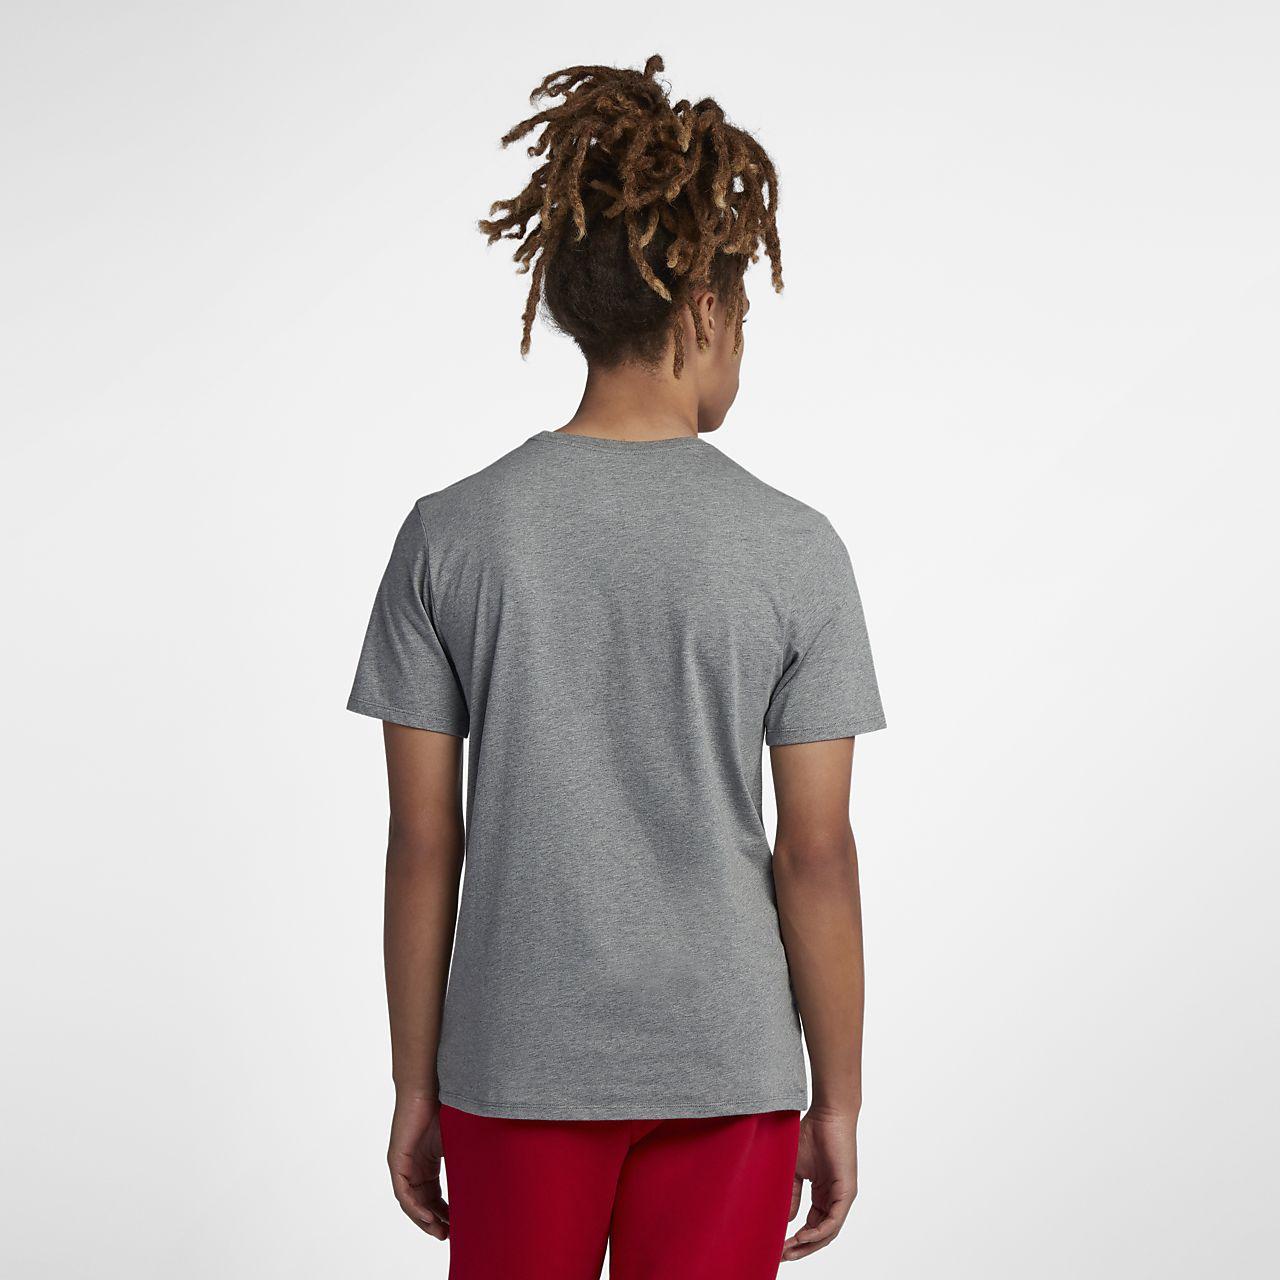 22c735dd0fecf5 Jordan Sportswear